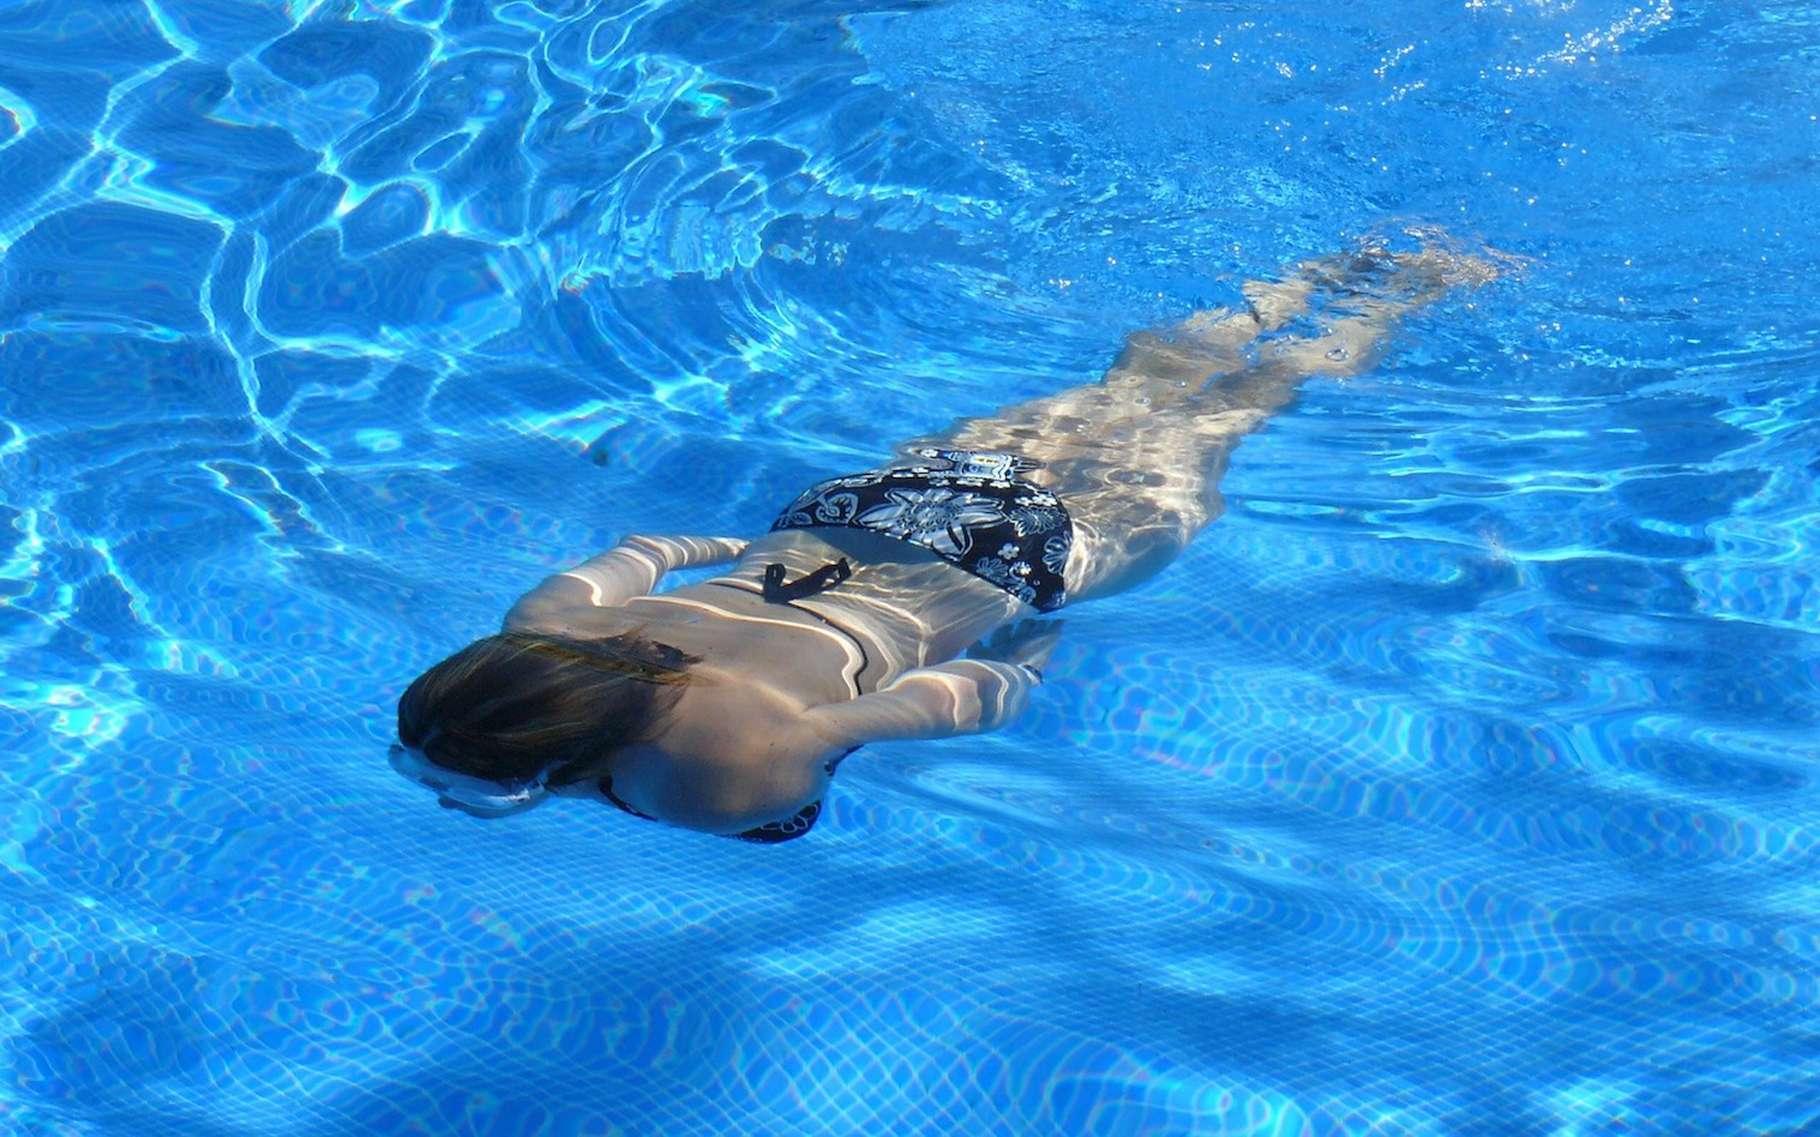 Le chauffage au gaz naturel peut représenter une solution intéressante pour monter l'eau de votre piscine en température. © Survivor, Pixabay, DP